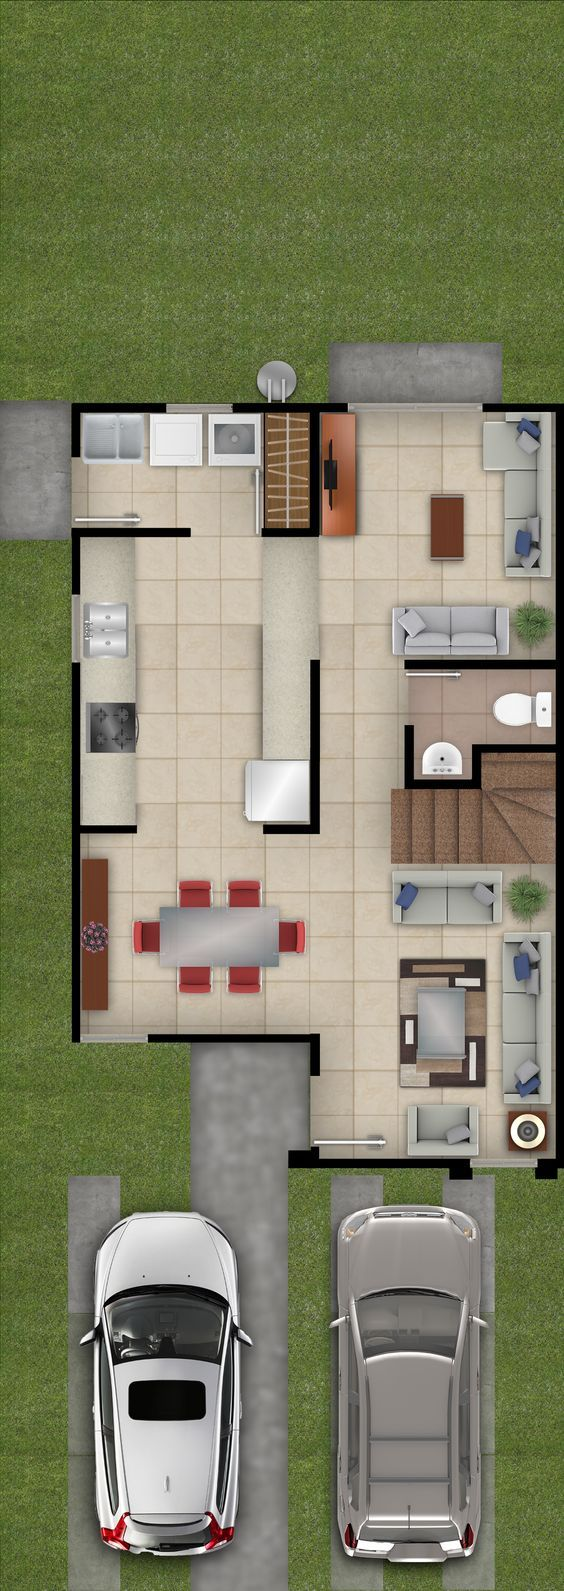 Más de 25 ideas increíbles sobre Planos de casas economicas en ...